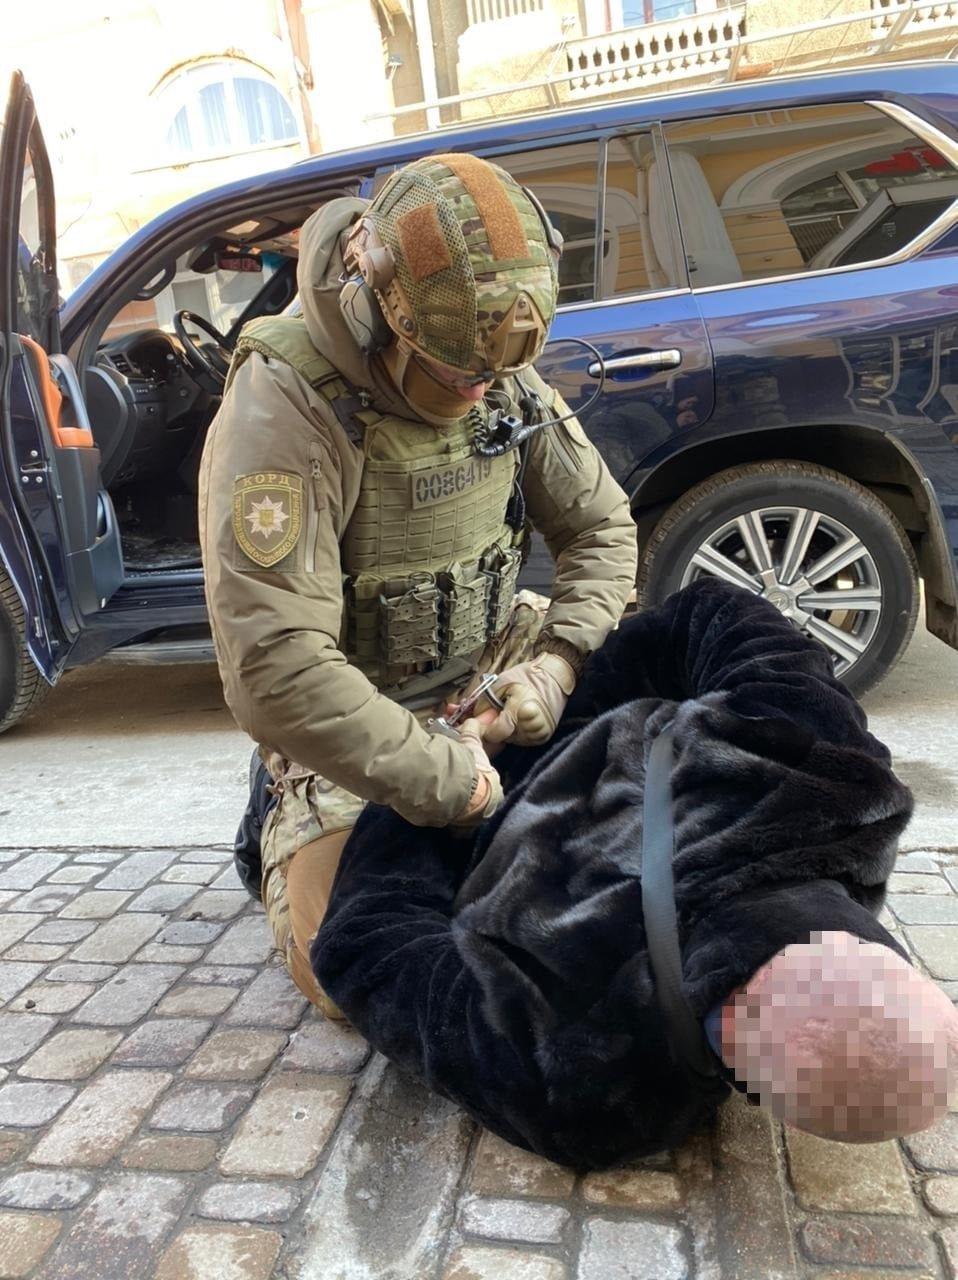 Терроризировали бизнесмена и подожгли машину пограничника: в Харькове арестовали четырех членов ОПГ, - ФОТО, фото-2